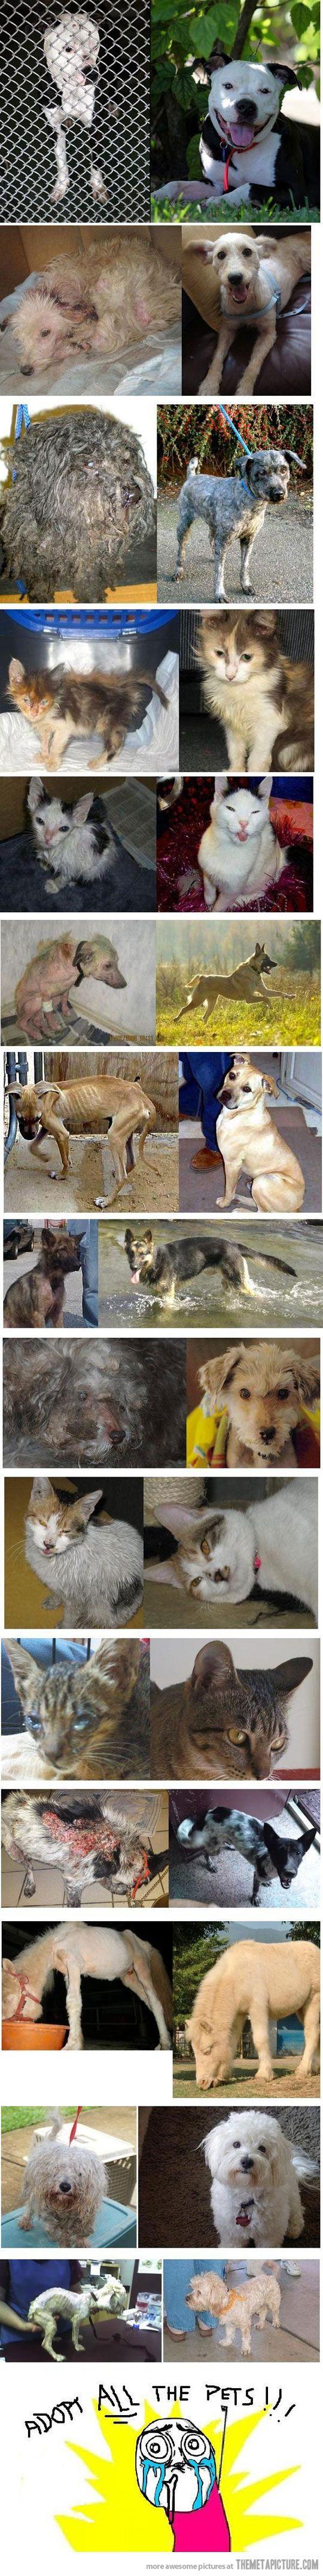 Un  clic pour nos amis les animaux en détresse  .. E22d2d957e7409e492a5221be6c23dfe